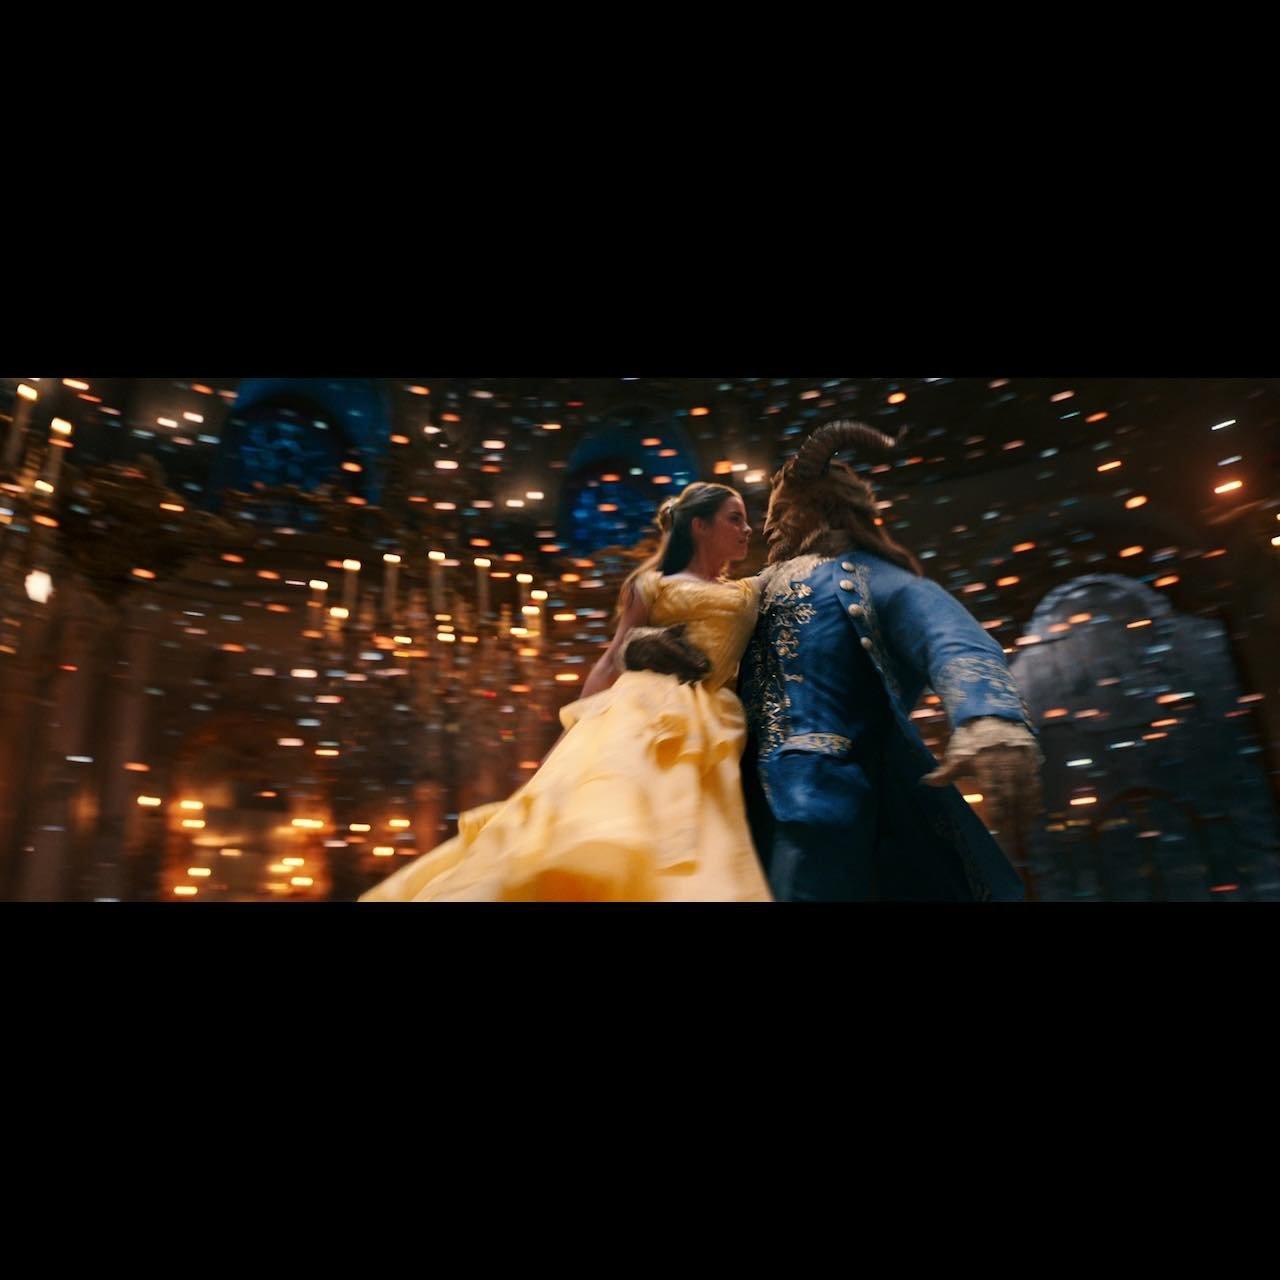 """『美女と野獣』は王道ミュージカル映画ではないーー""""実写×アニメーション""""の演出を読む"""